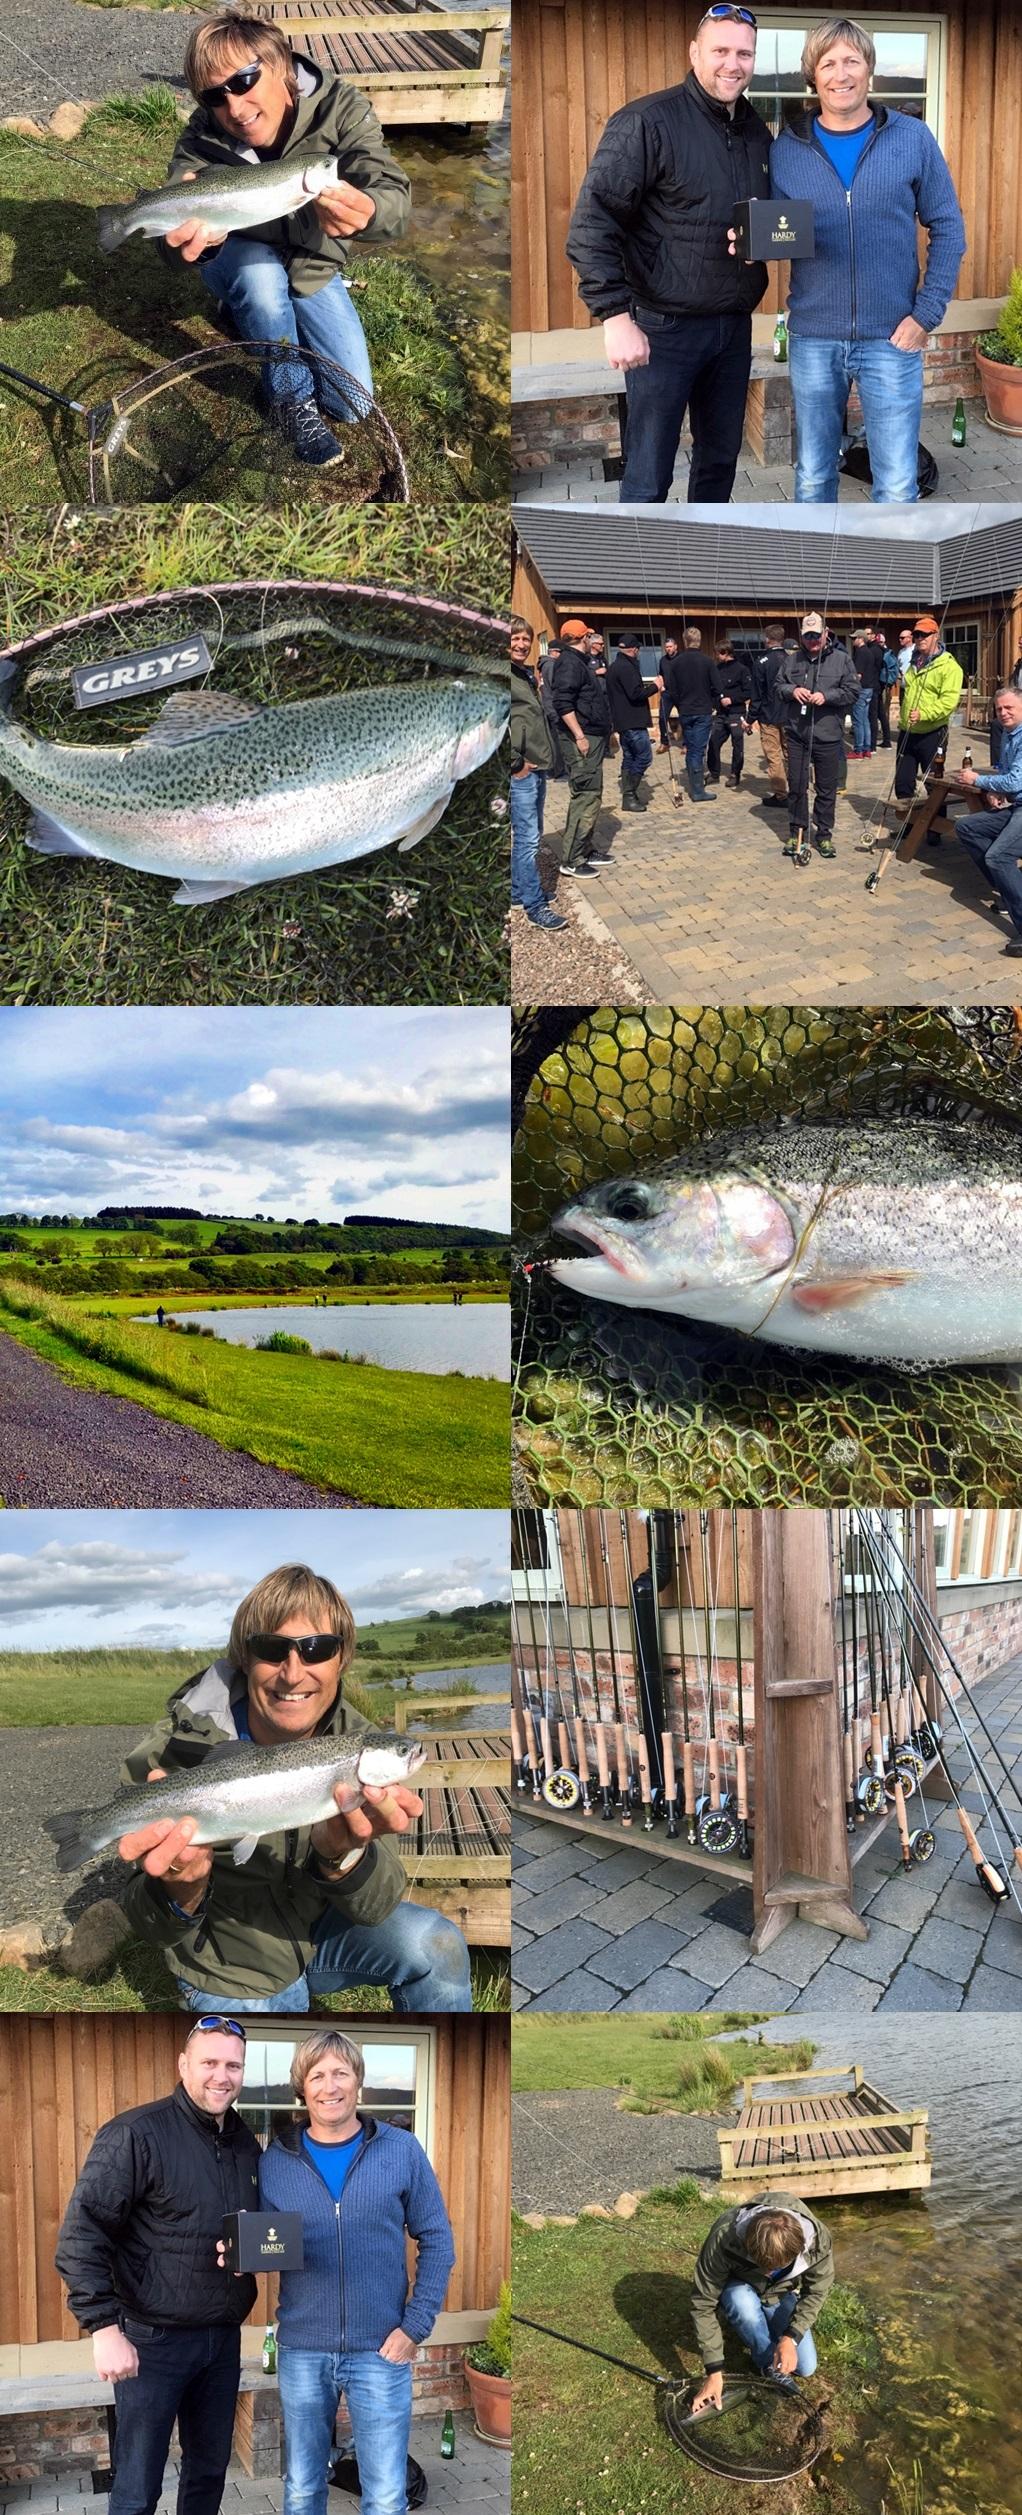 Artig når fiske er årets aktivitet under konferansen, og selvfølgelig ekstra gøy når enn drar i land seieren